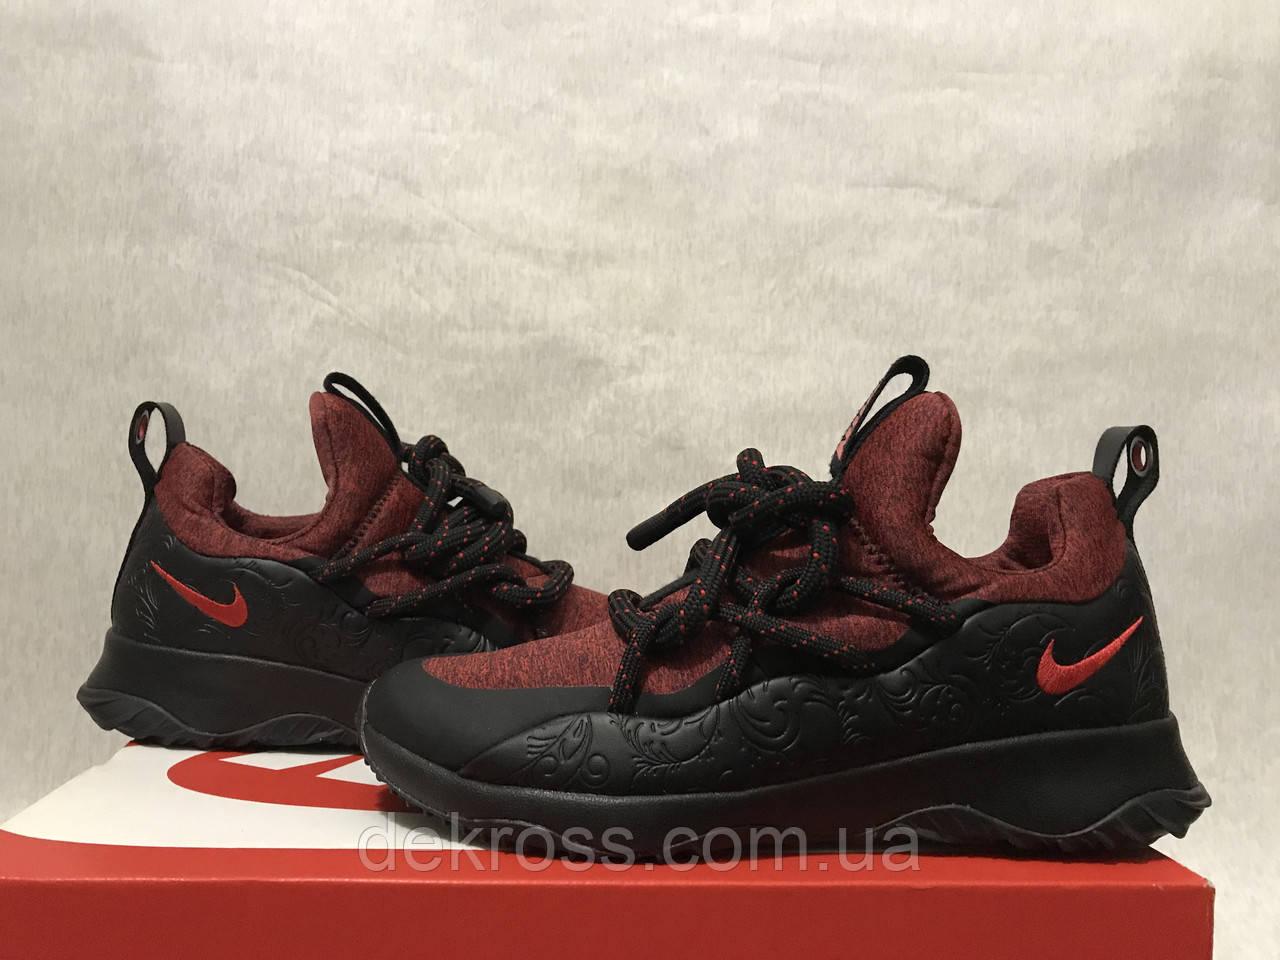 Кроссовки Nike City Loop FloralОригинал AJ1694-001